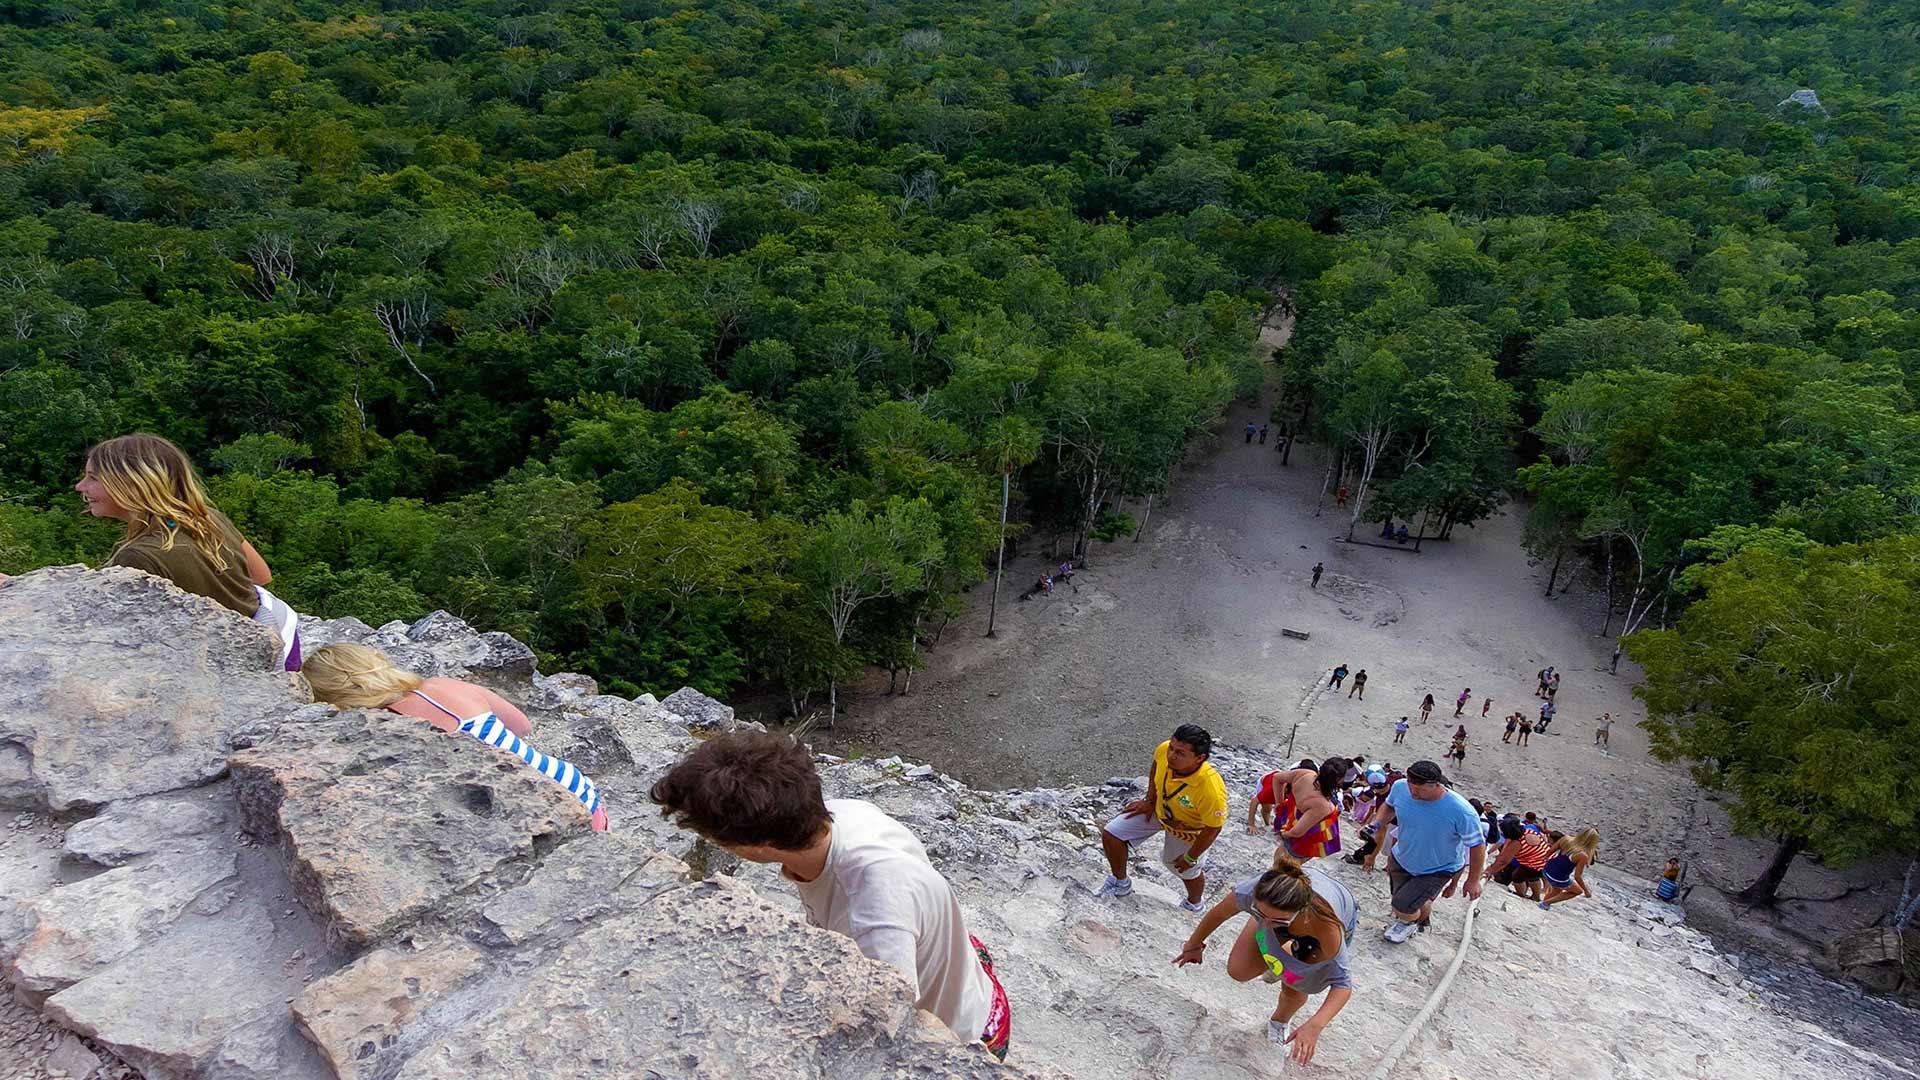 Climbing The Ancient Mayan Ruins Of Coba